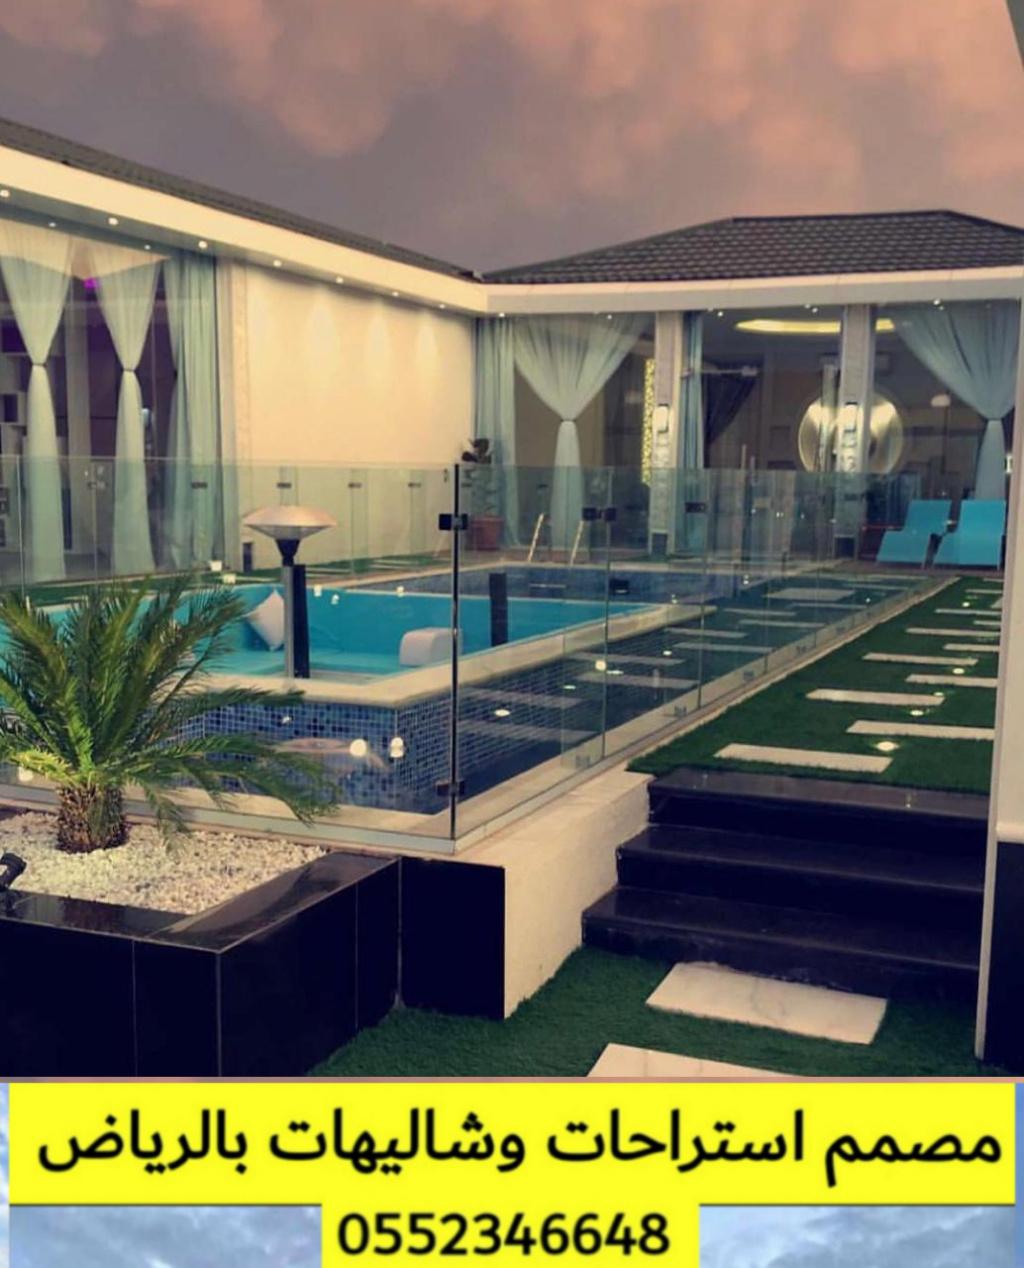 ٥ مصمم استراحات وشاليهات في الرياض 0552346648 مهندس تصميم استراحات بالرياض  P_1758fp8p81